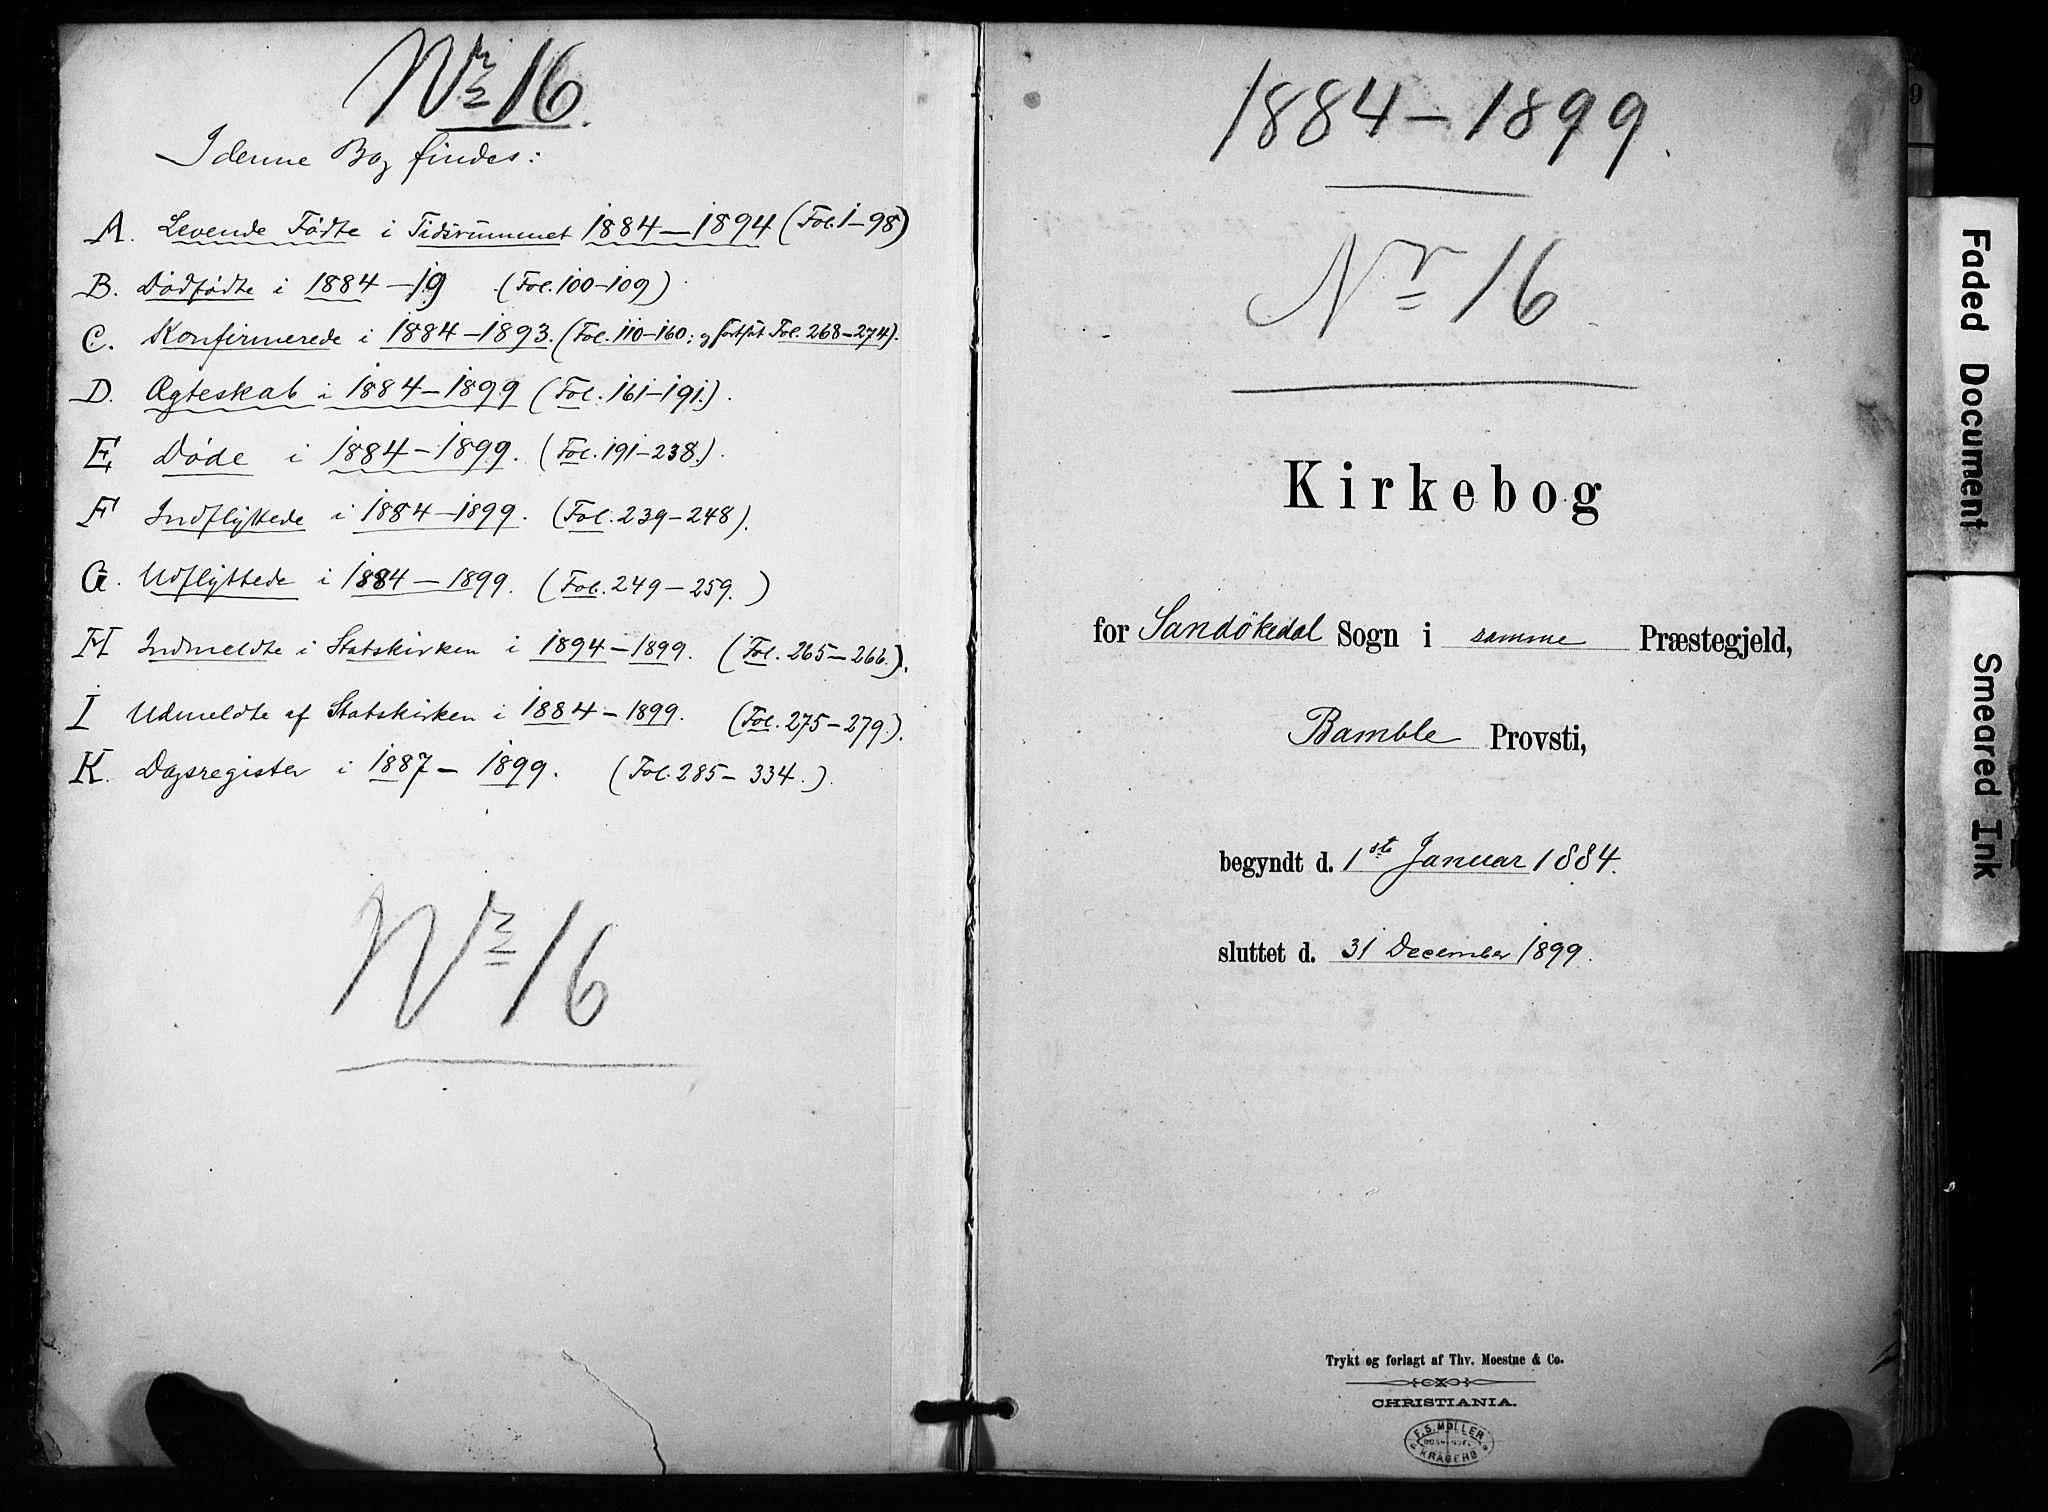 SAKO, Sannidal kirkebøker, F/Fa/L0015: Ministerialbok nr. 15, 1884-1899